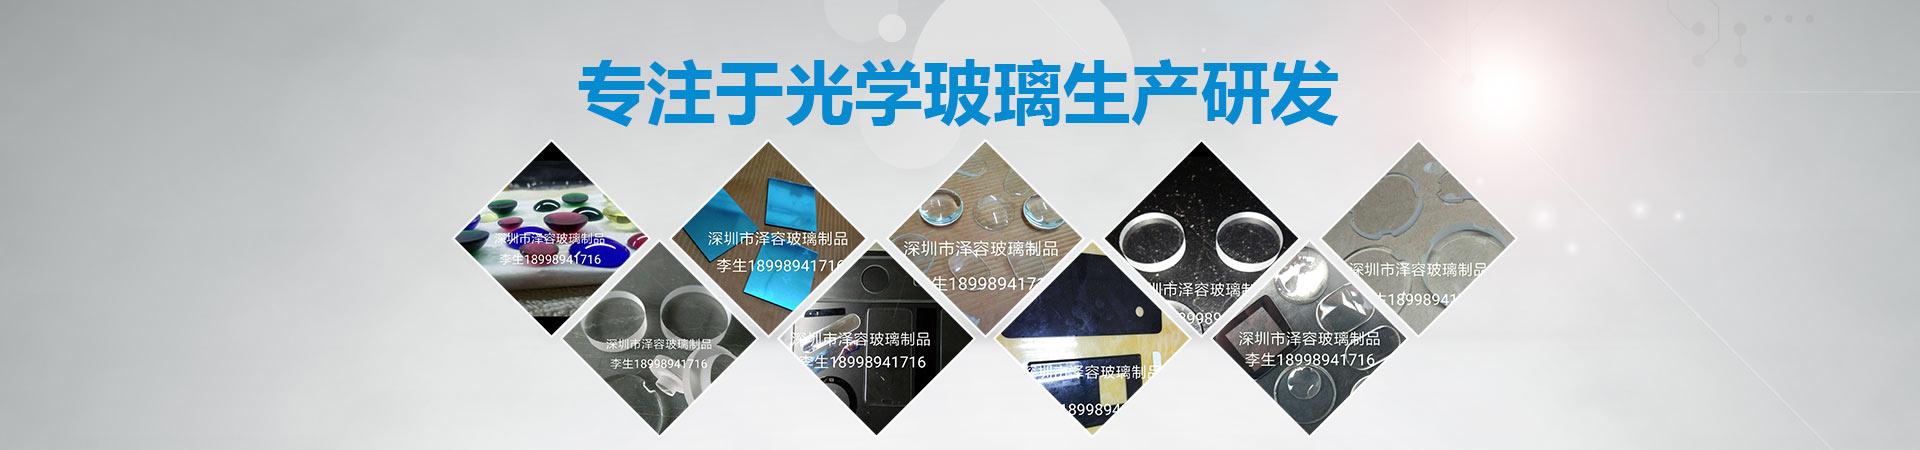 深圳市泽容玻璃制品厂企业形象图片